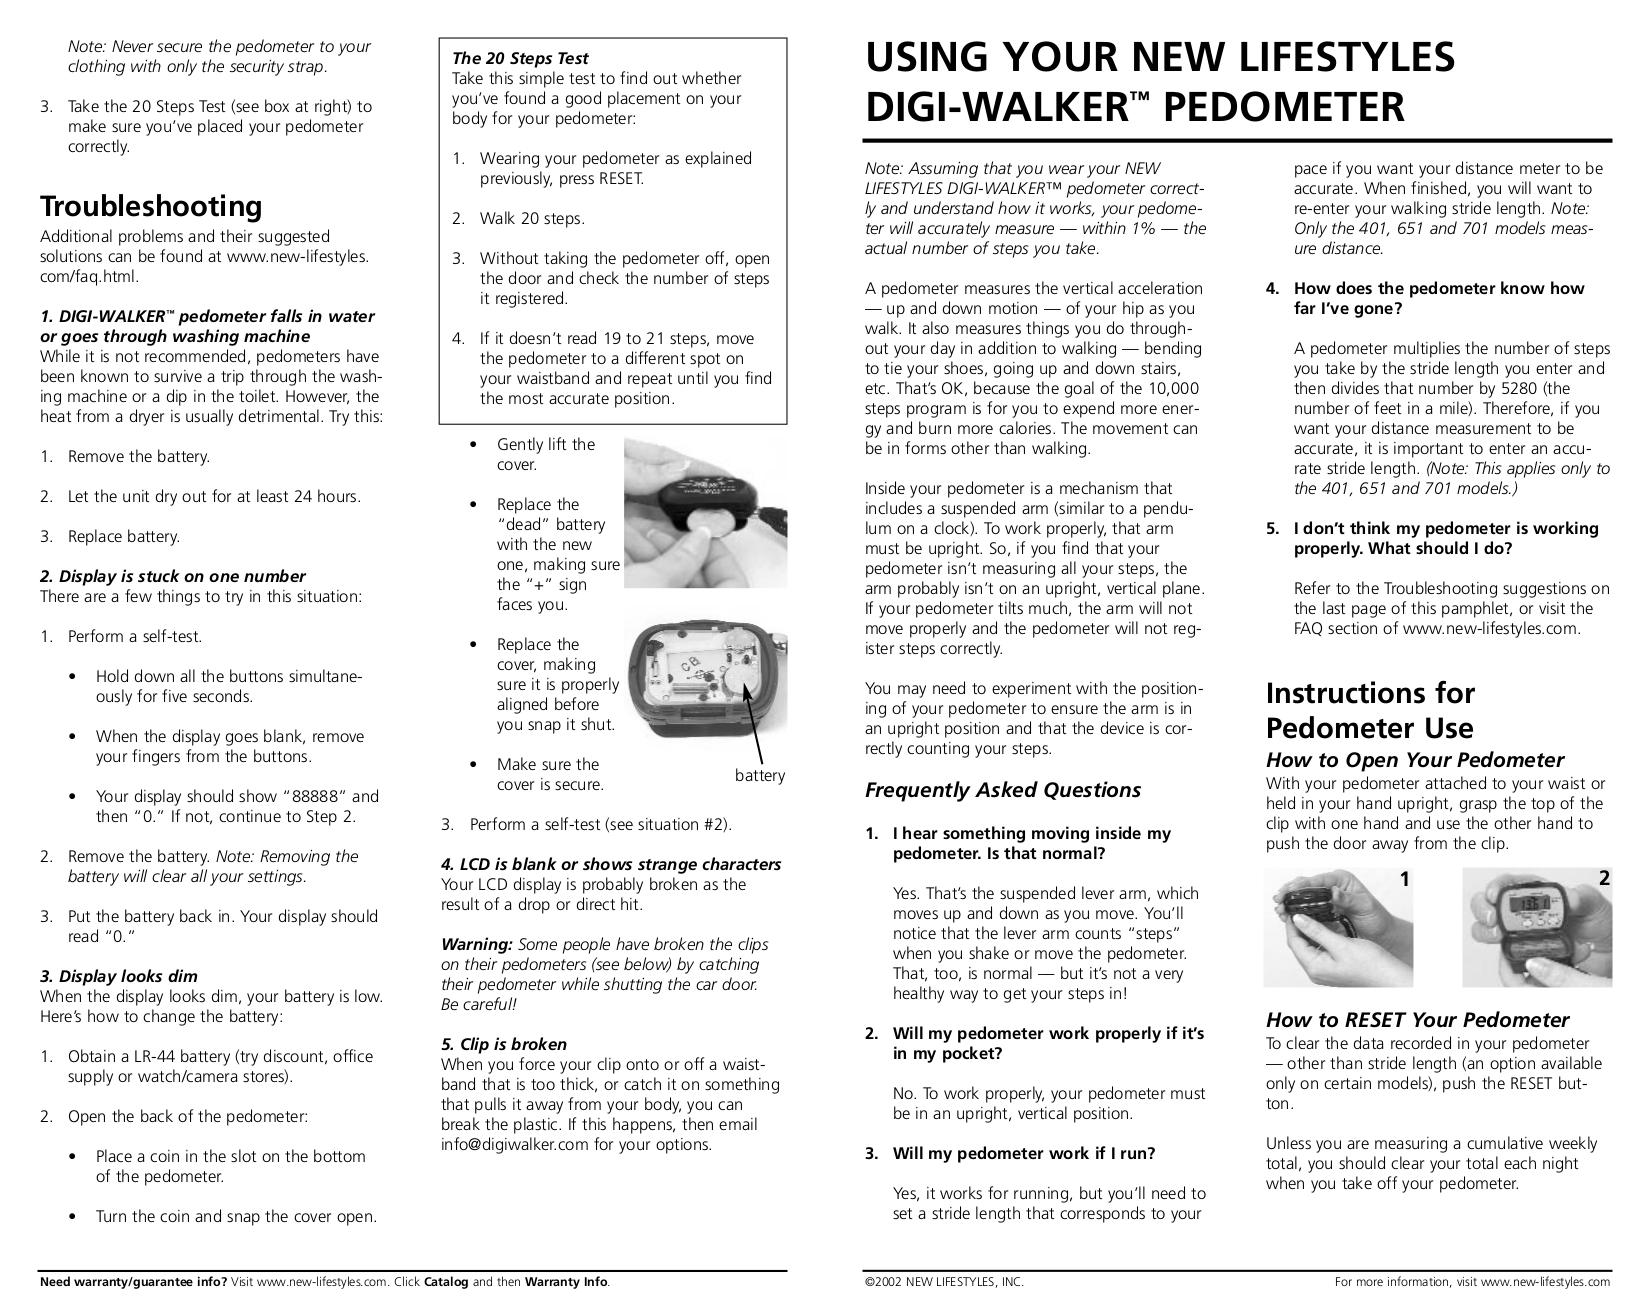 pdf for Silva Other Pedometer Memory Pedometers manual